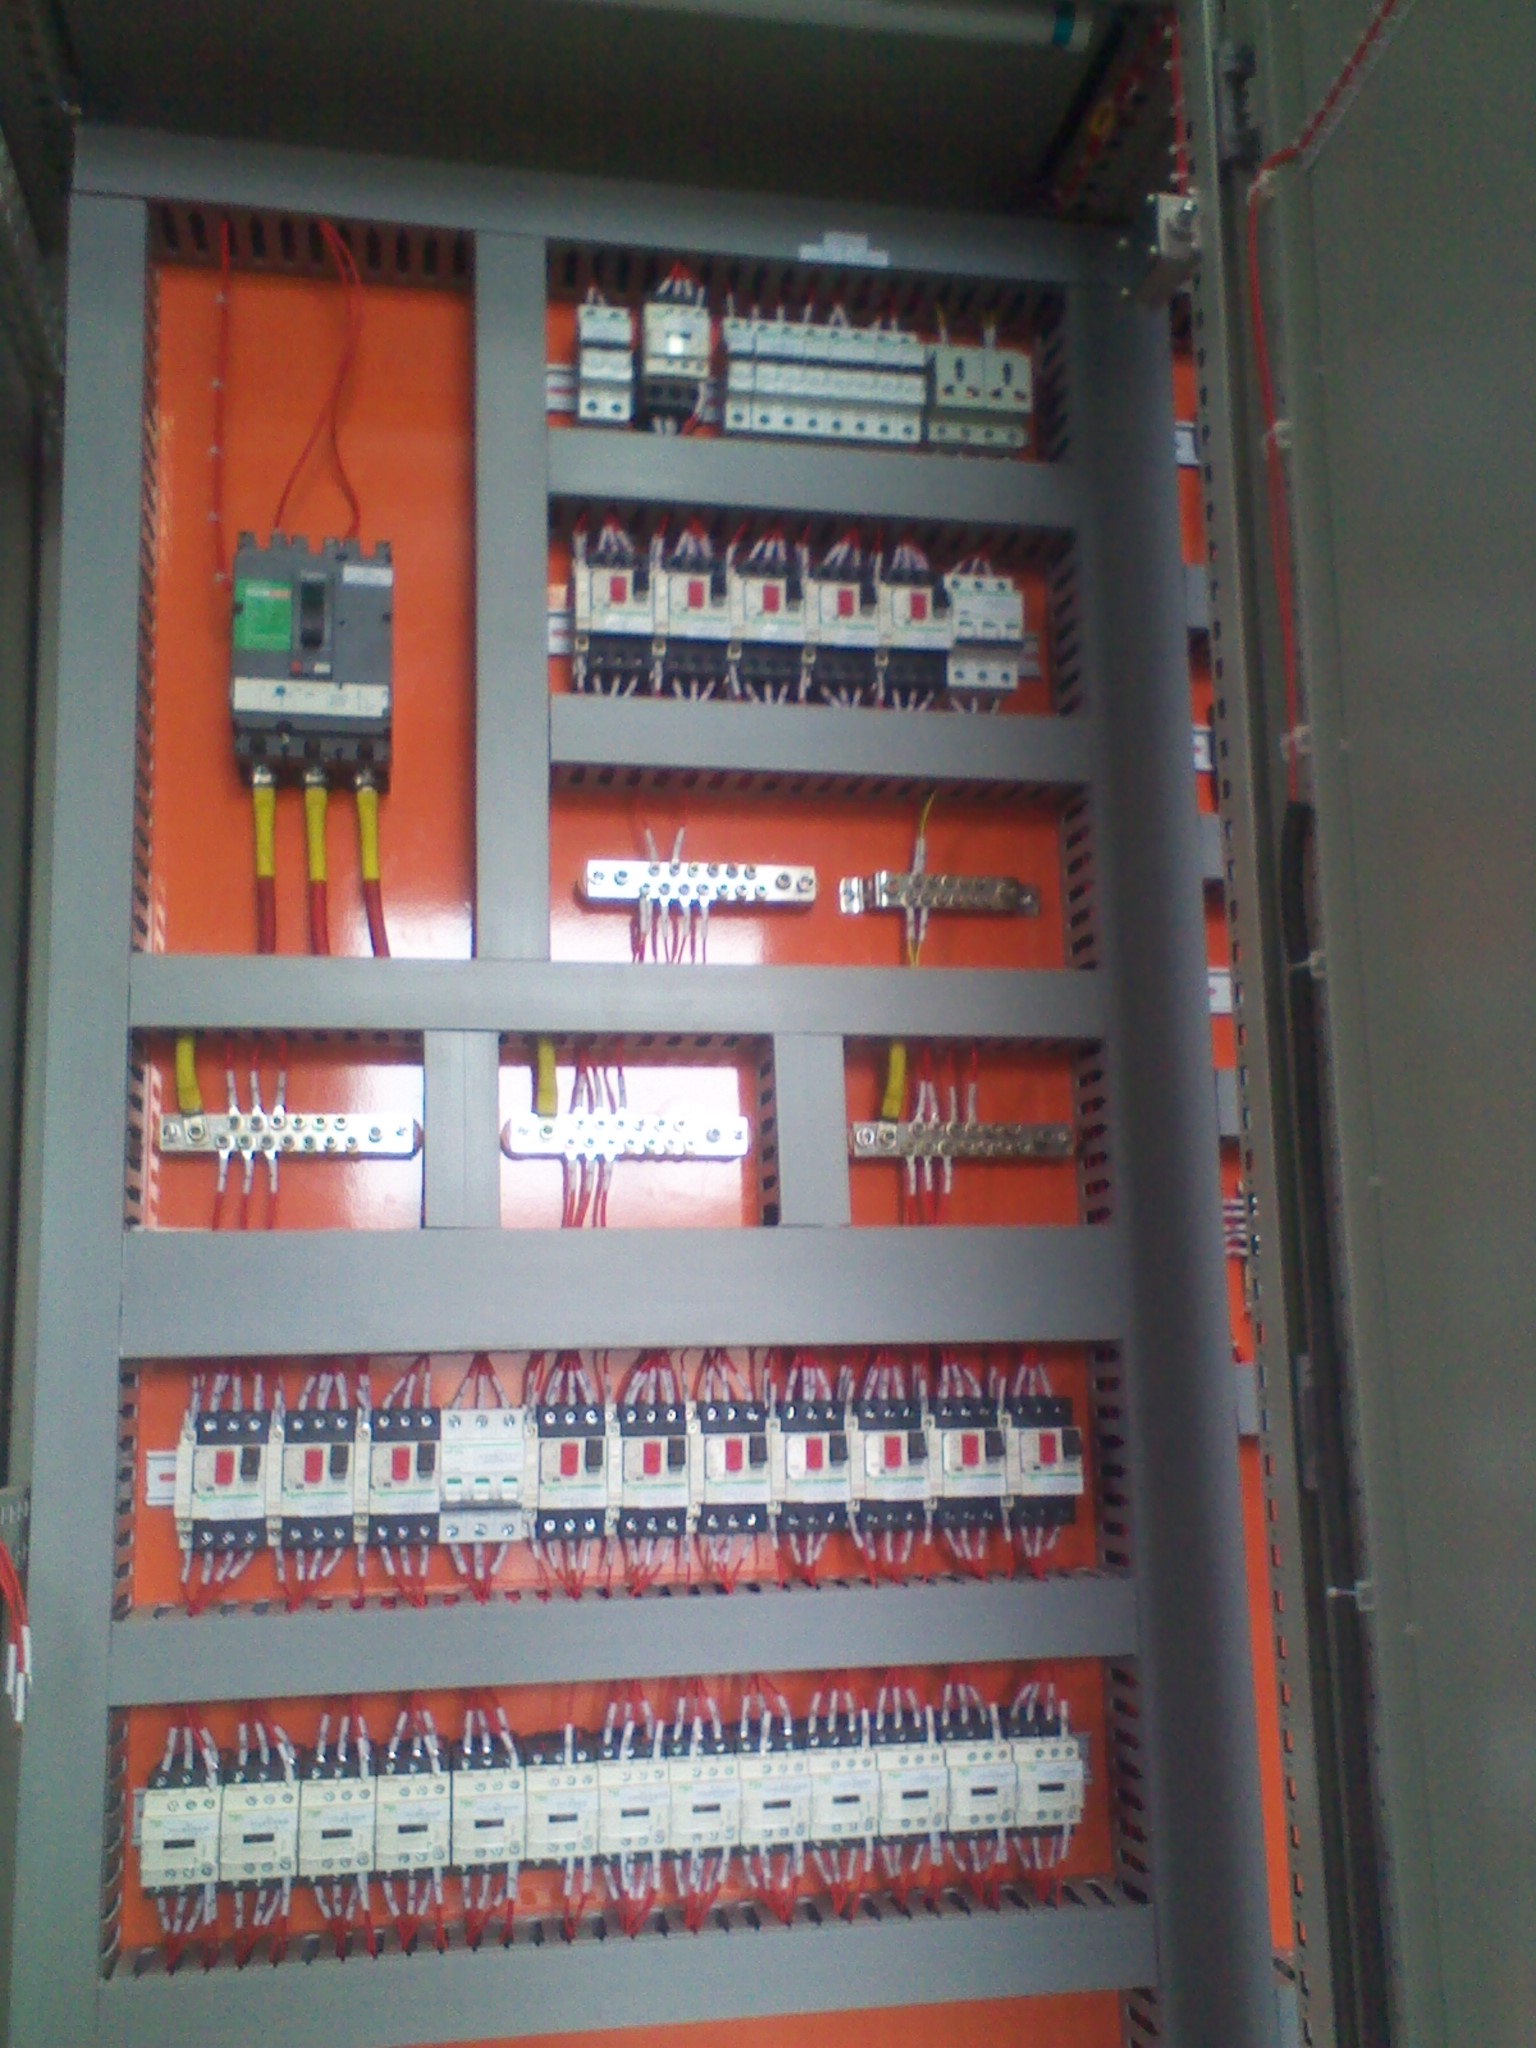 自动电镀生产线控制柜-工控博客